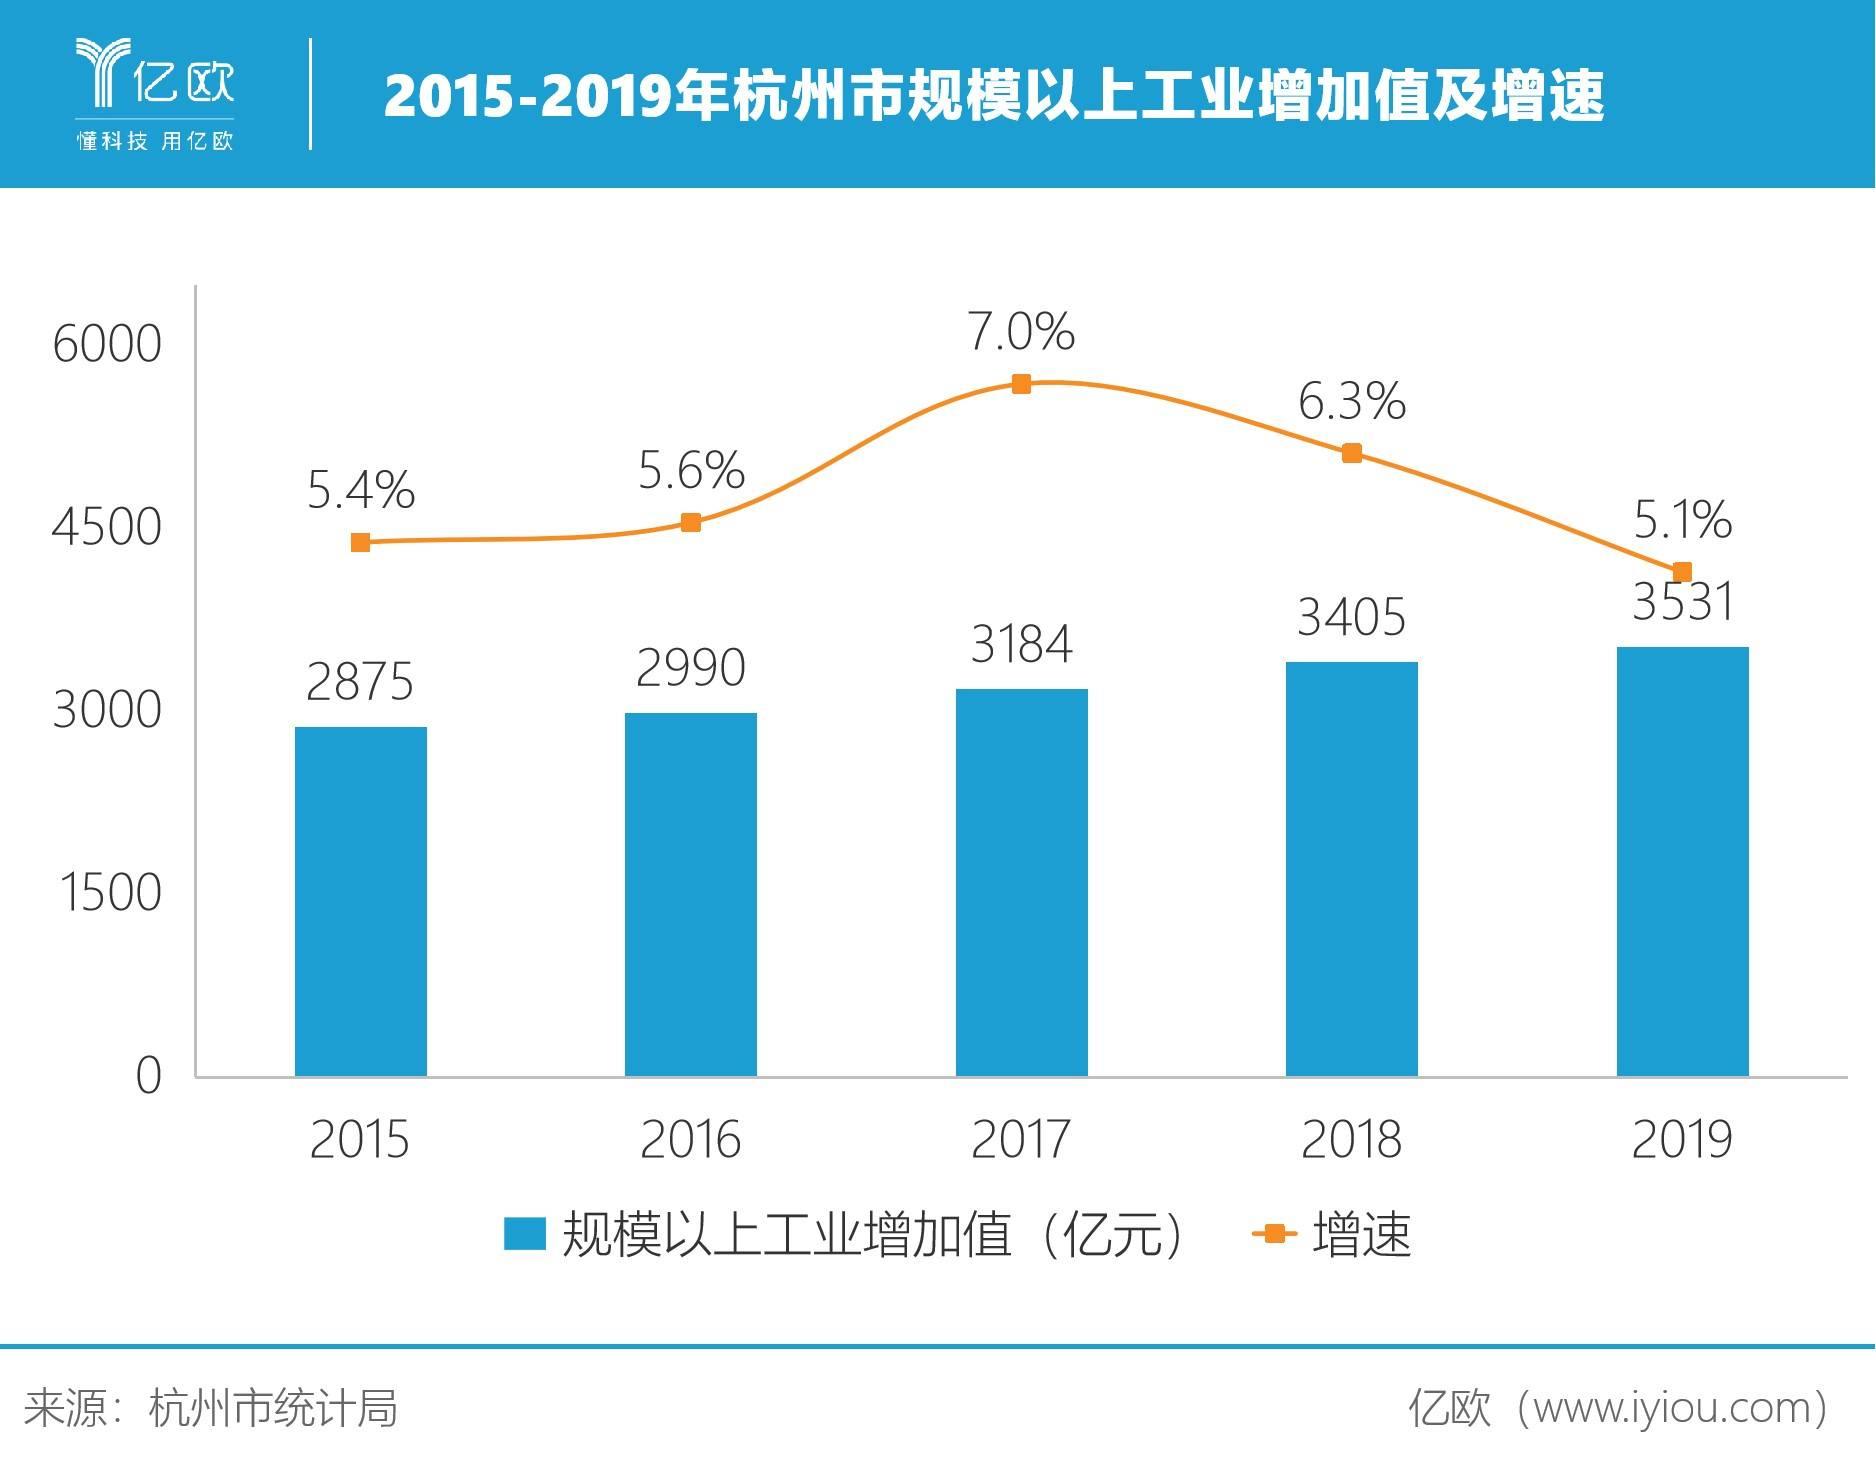 2015-2019年杭州市规模以上工业增加值及增速